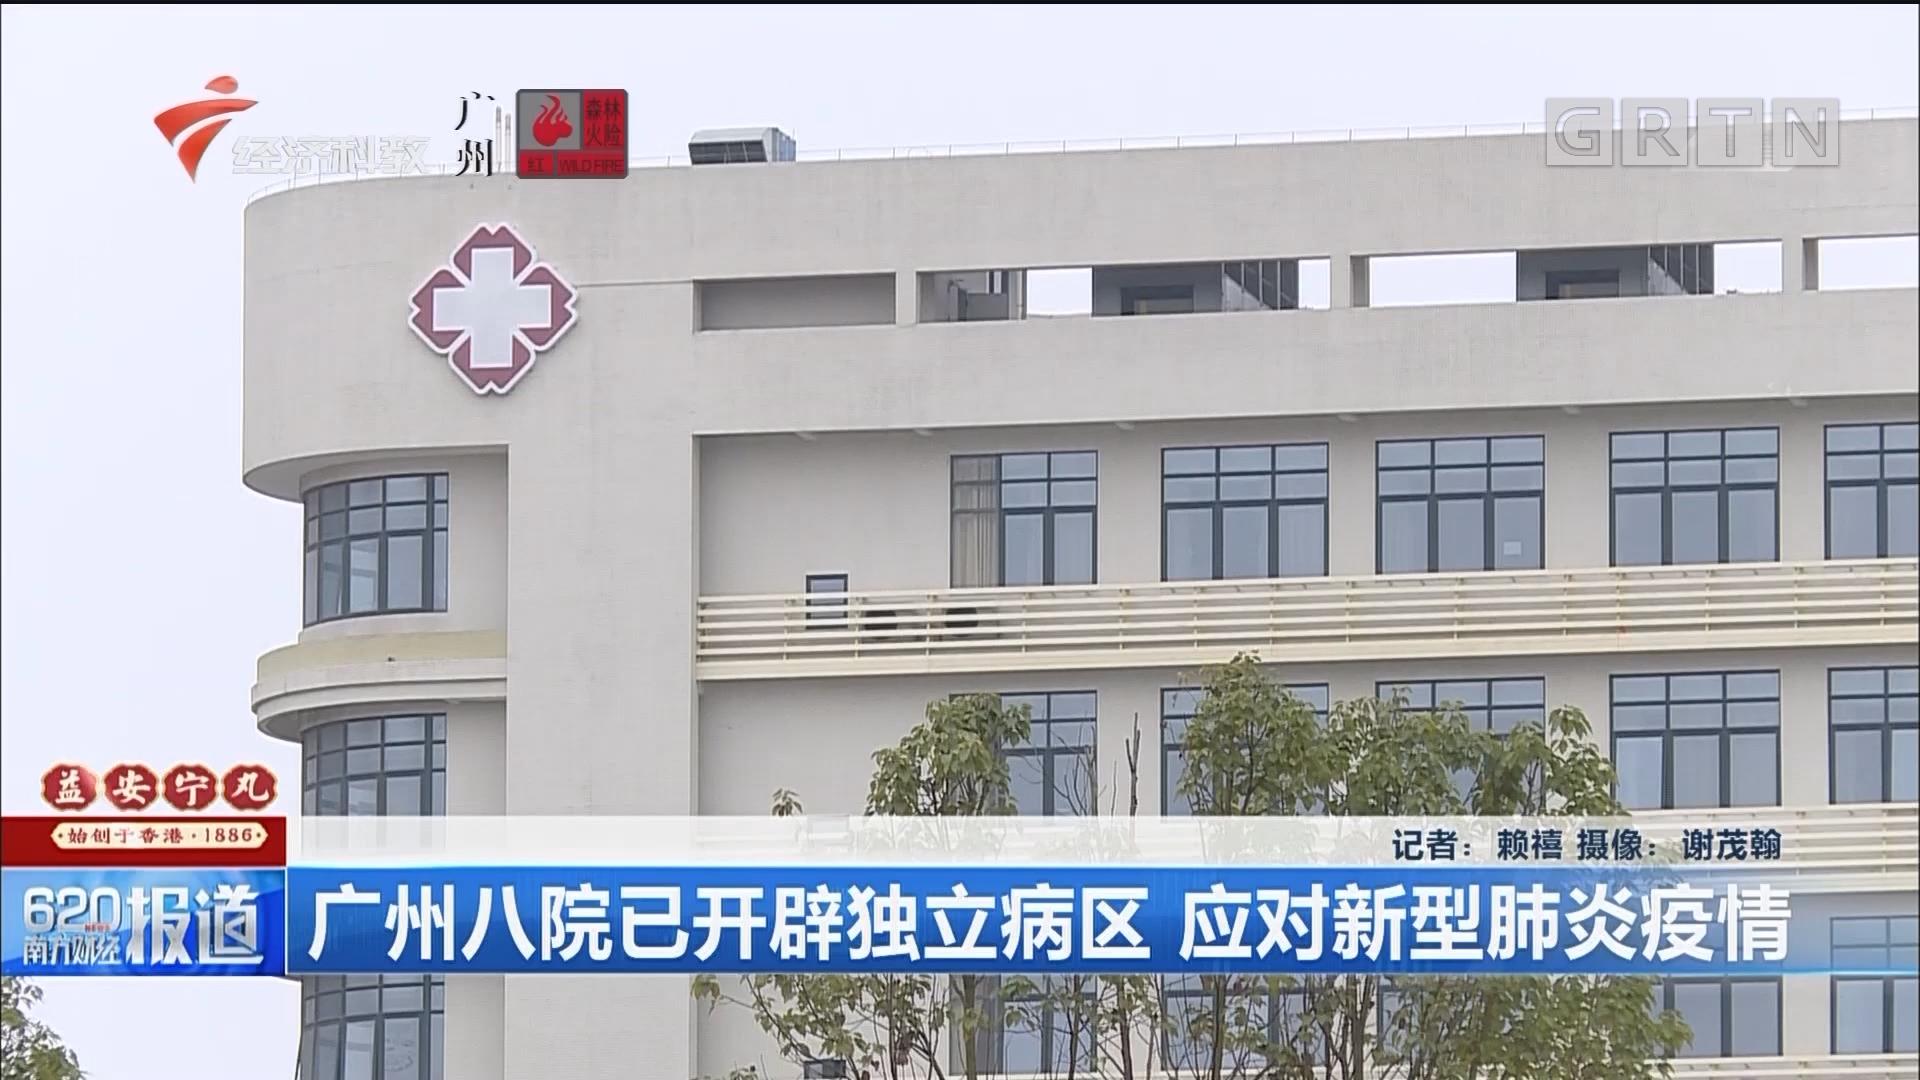 广州八院已开辟独立病区 应对新型肺炎疫情